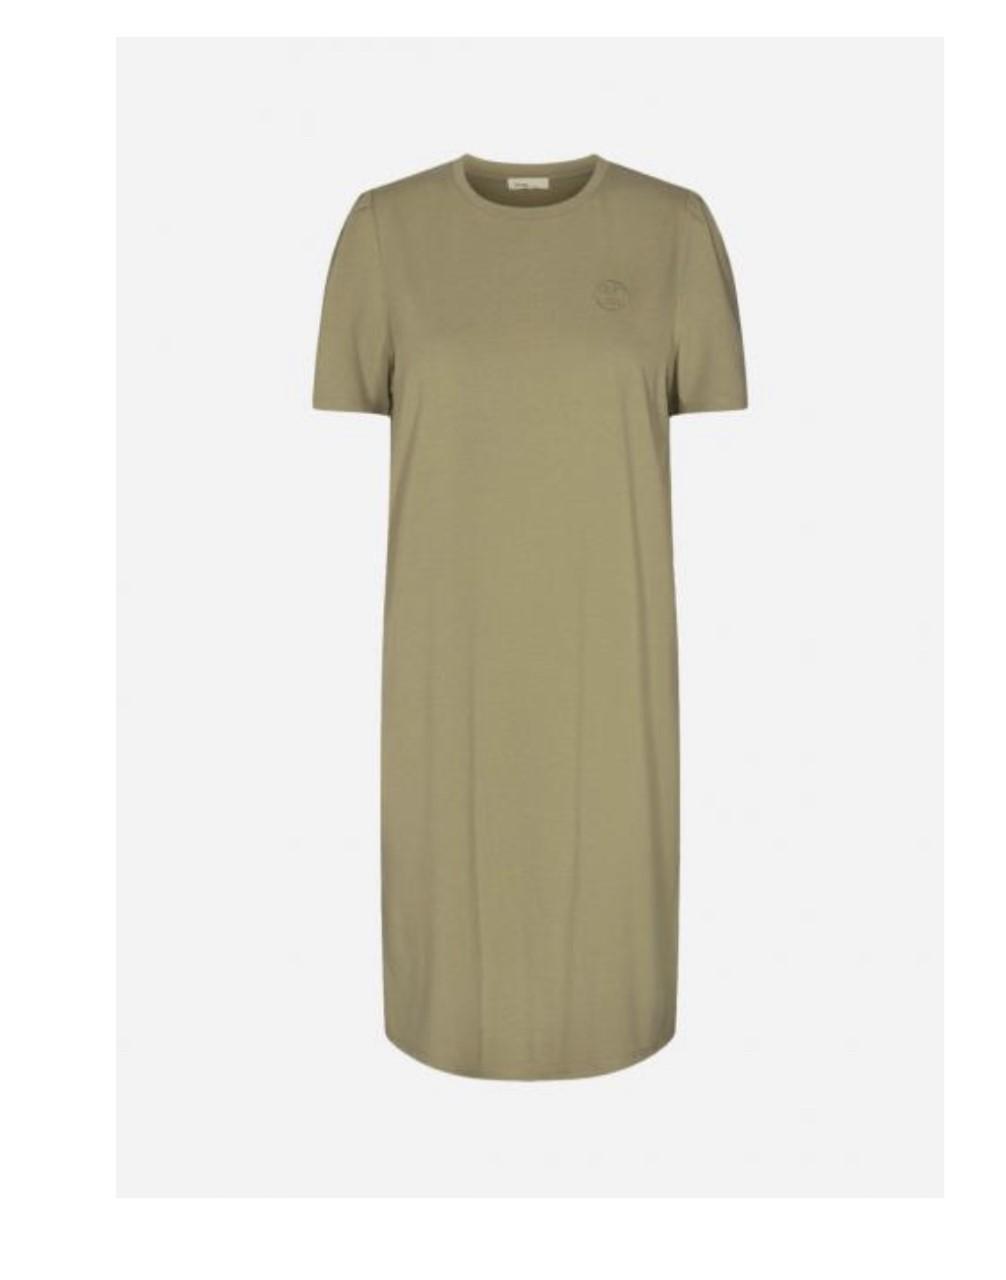 Leveteroom Isol 6 t-shirt dress kjole